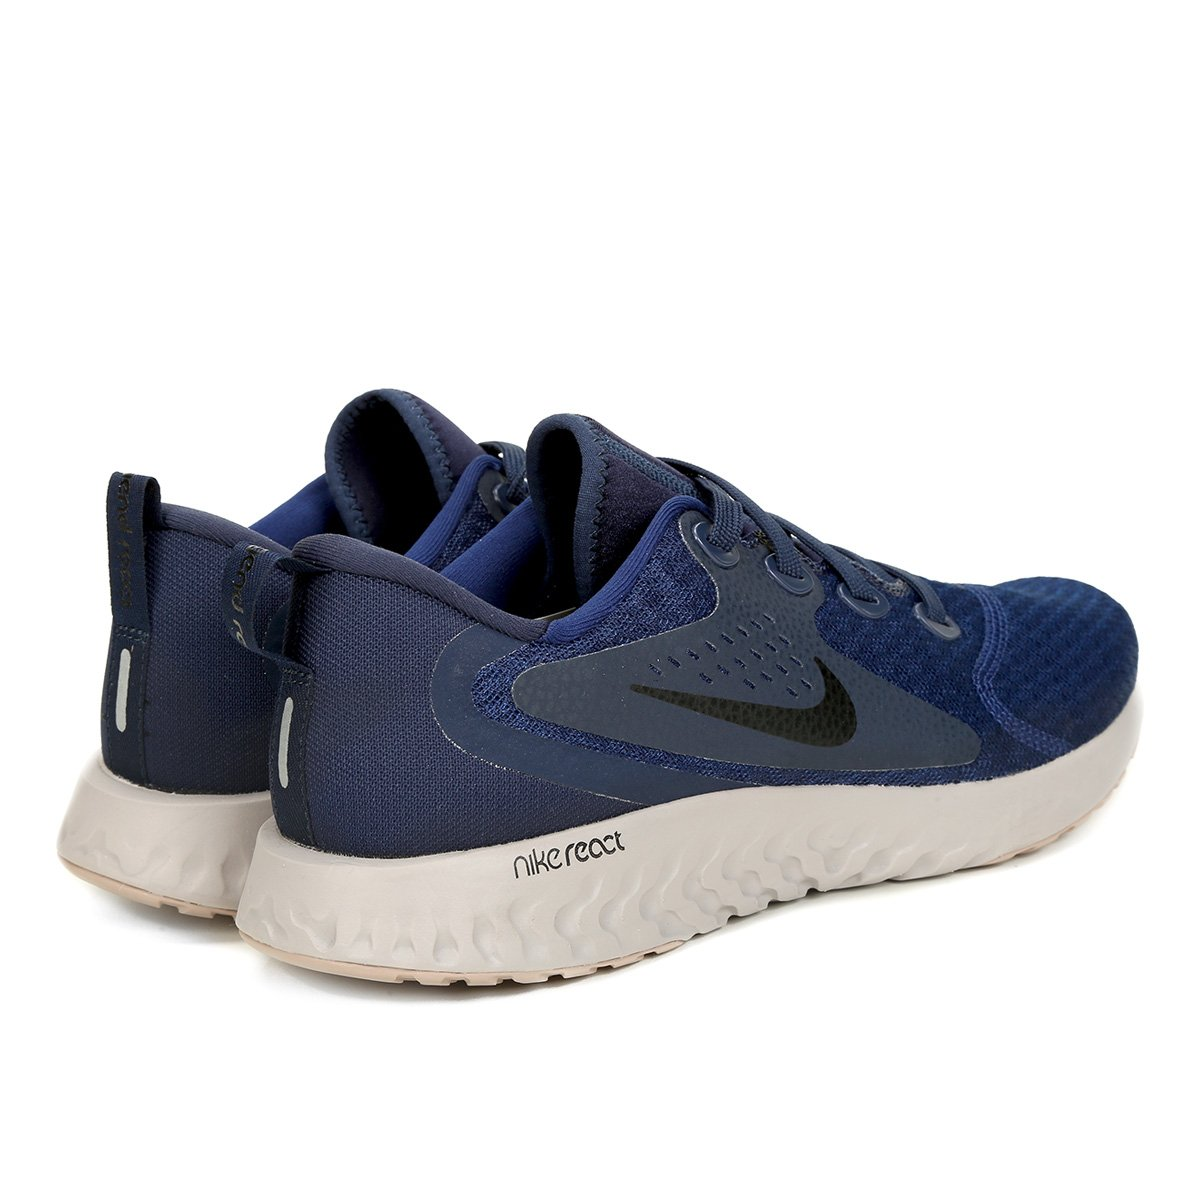 Tênis Nike Legend React Masculino - Azul e Preto - Compre Agora ... f60b8e8c9f21a